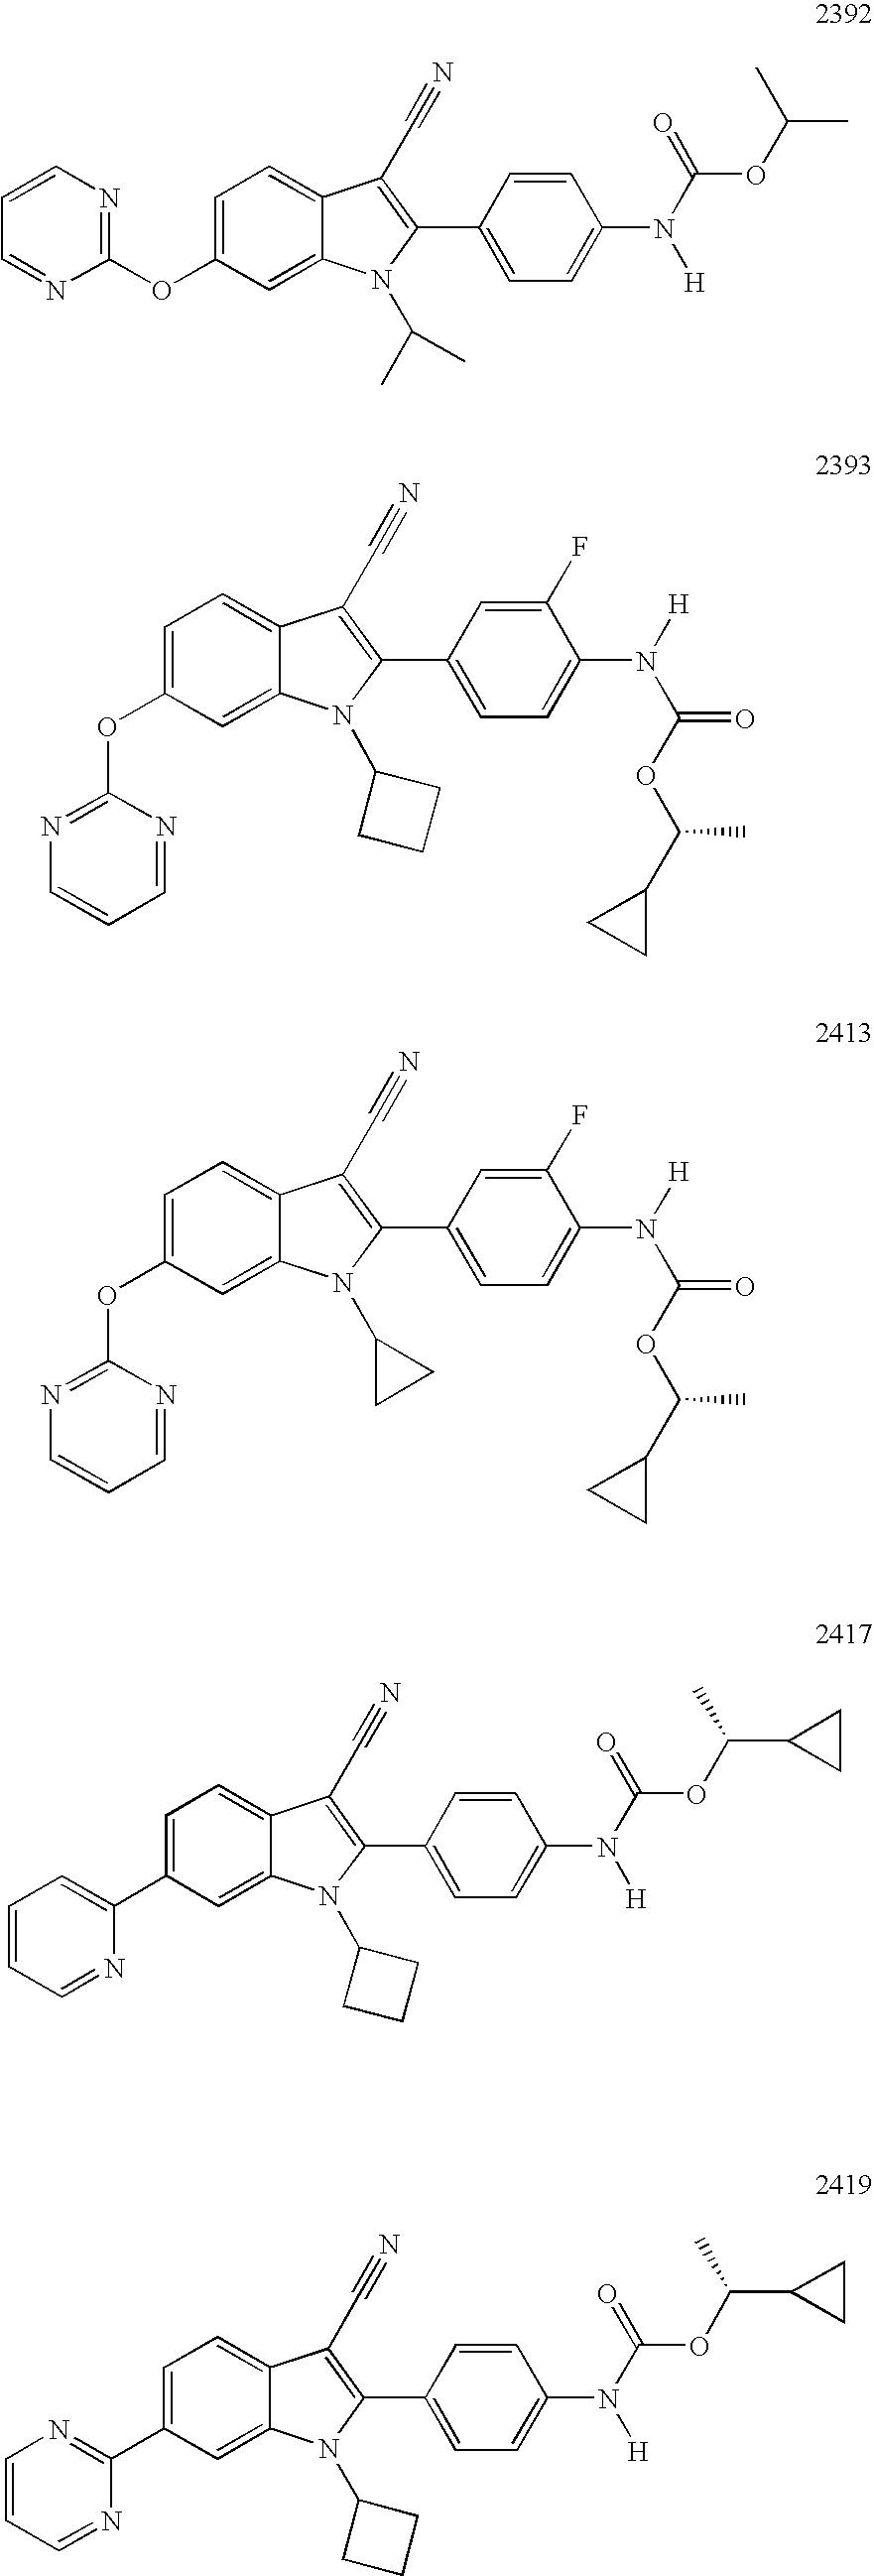 Figure US07781478-20100824-C00101